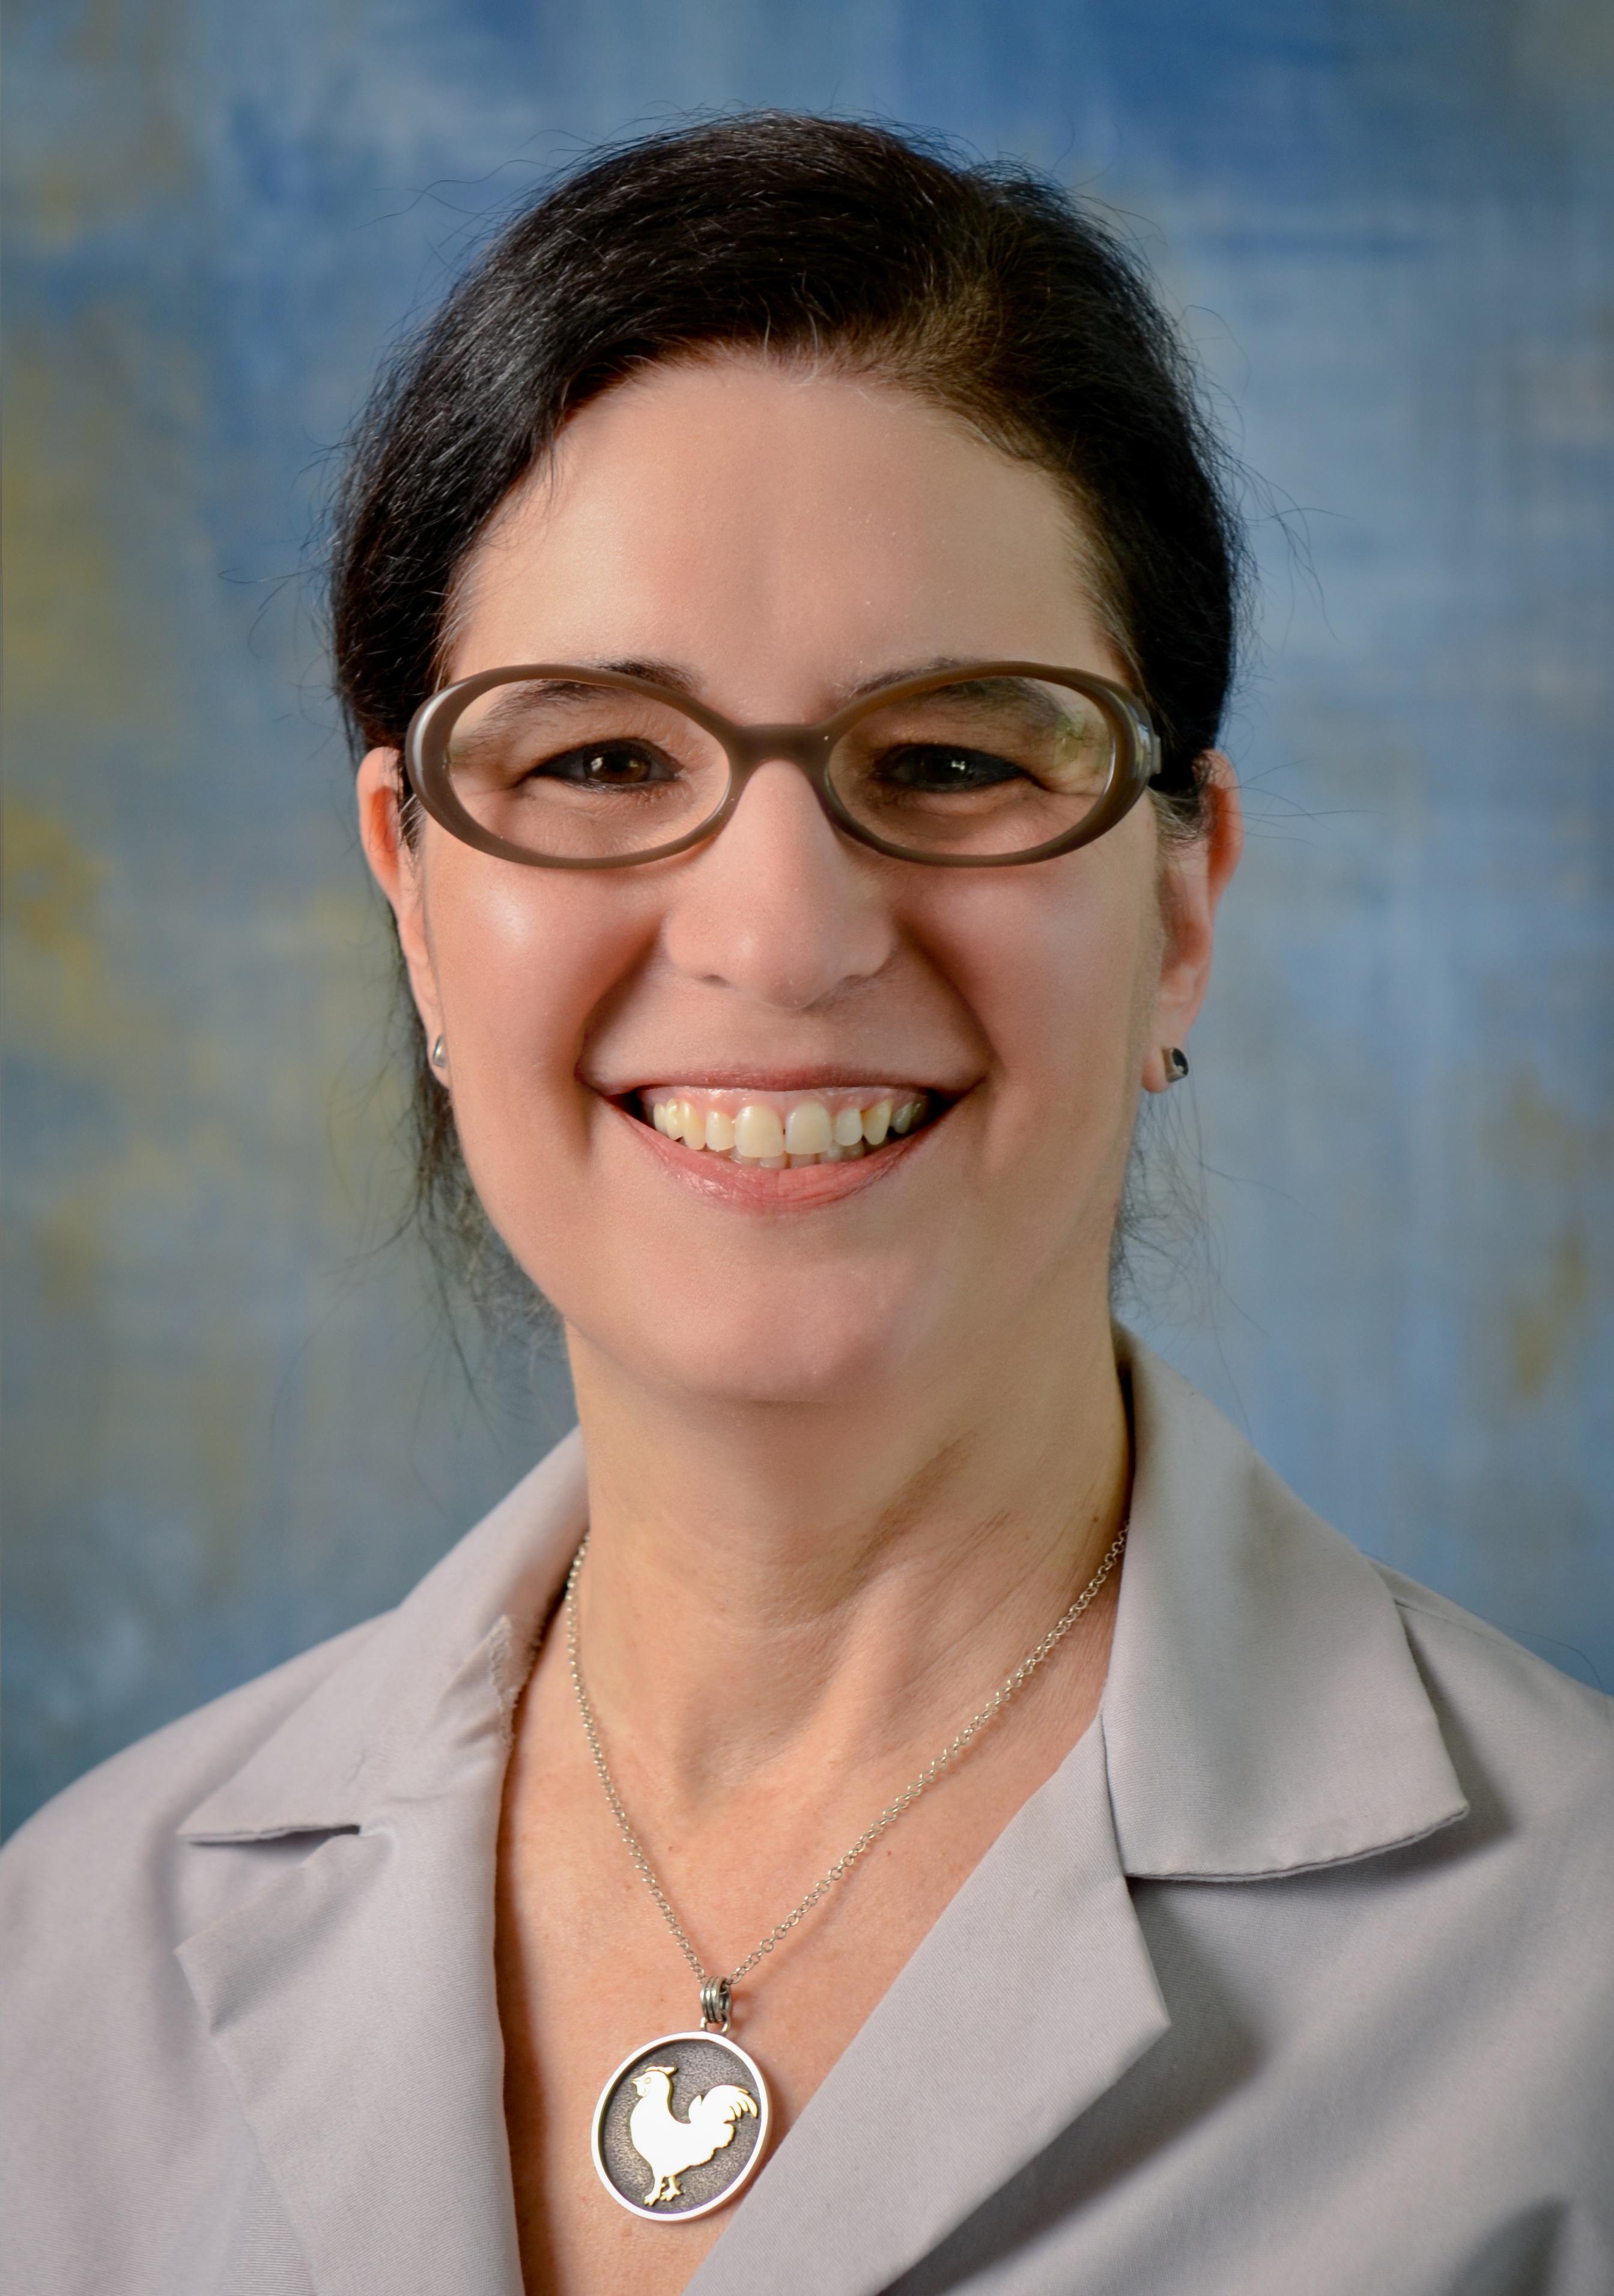 Sharon F. Welbel, MD